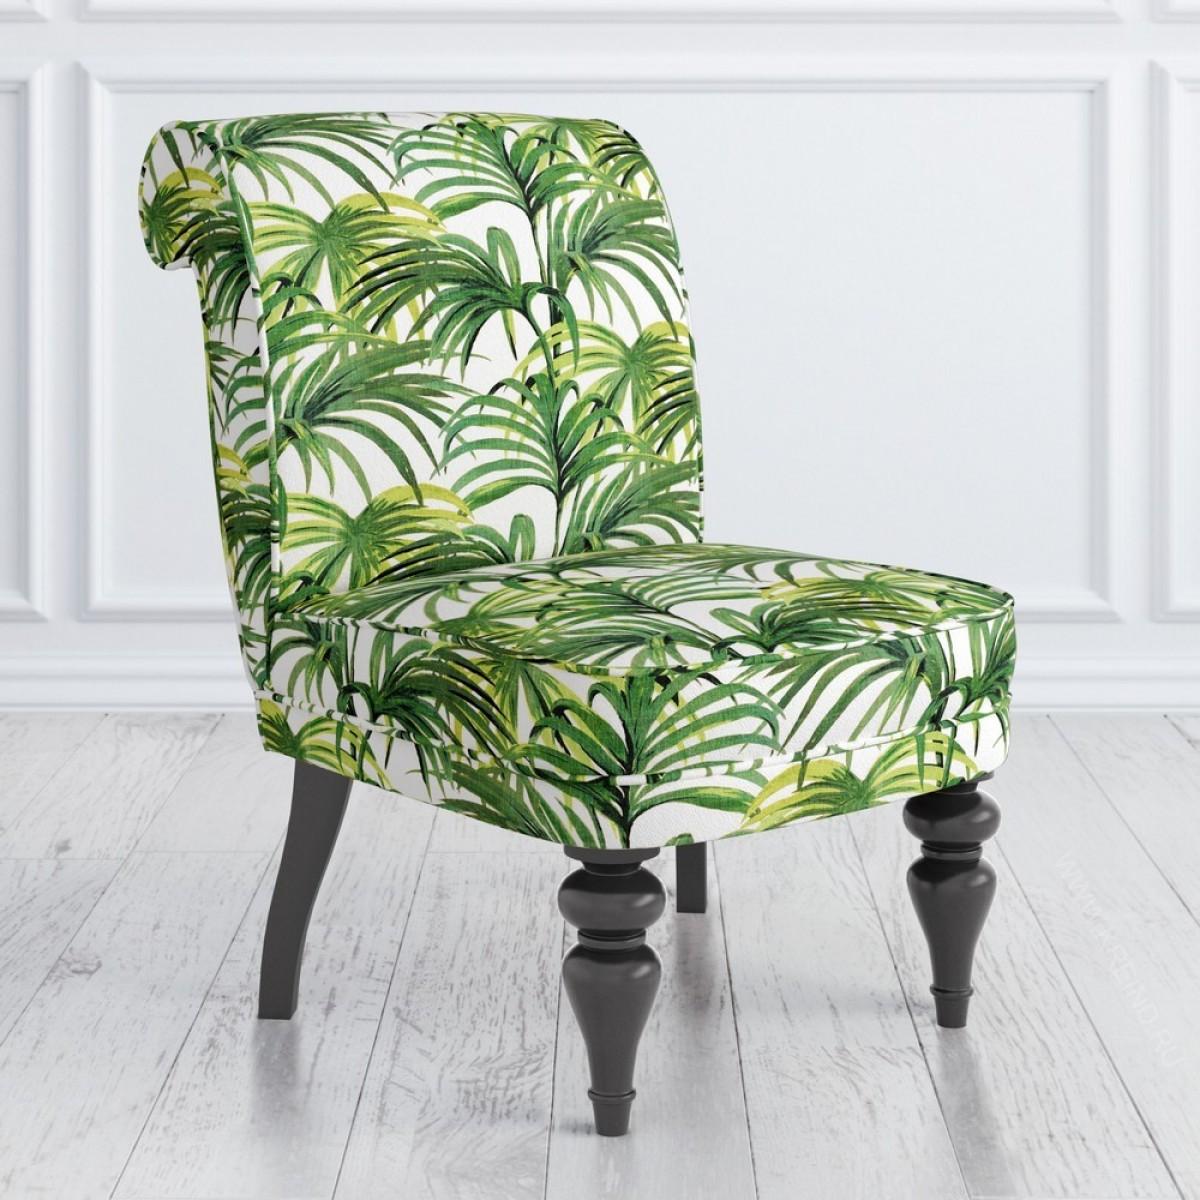 Кресло Kreind зеленые листья 55x72x83 см мебель для домашнего кабинета